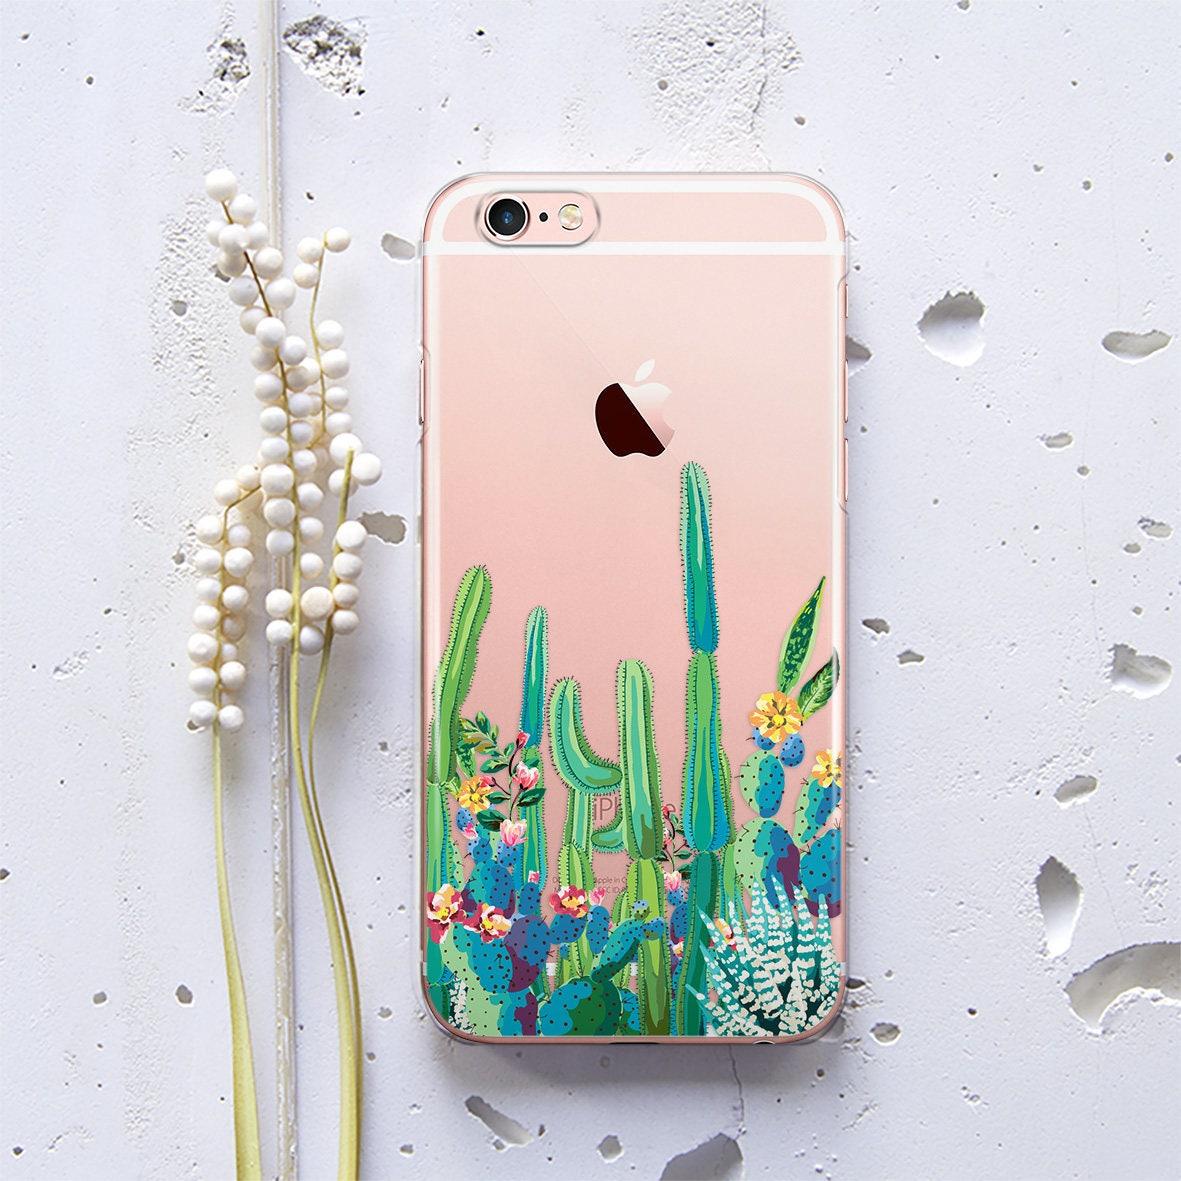 Phone Cases Custom Hardcase Midnight Dots Iphone 4 5 5c 6 Plus 7 Case Transparent Cactus Succulent Se